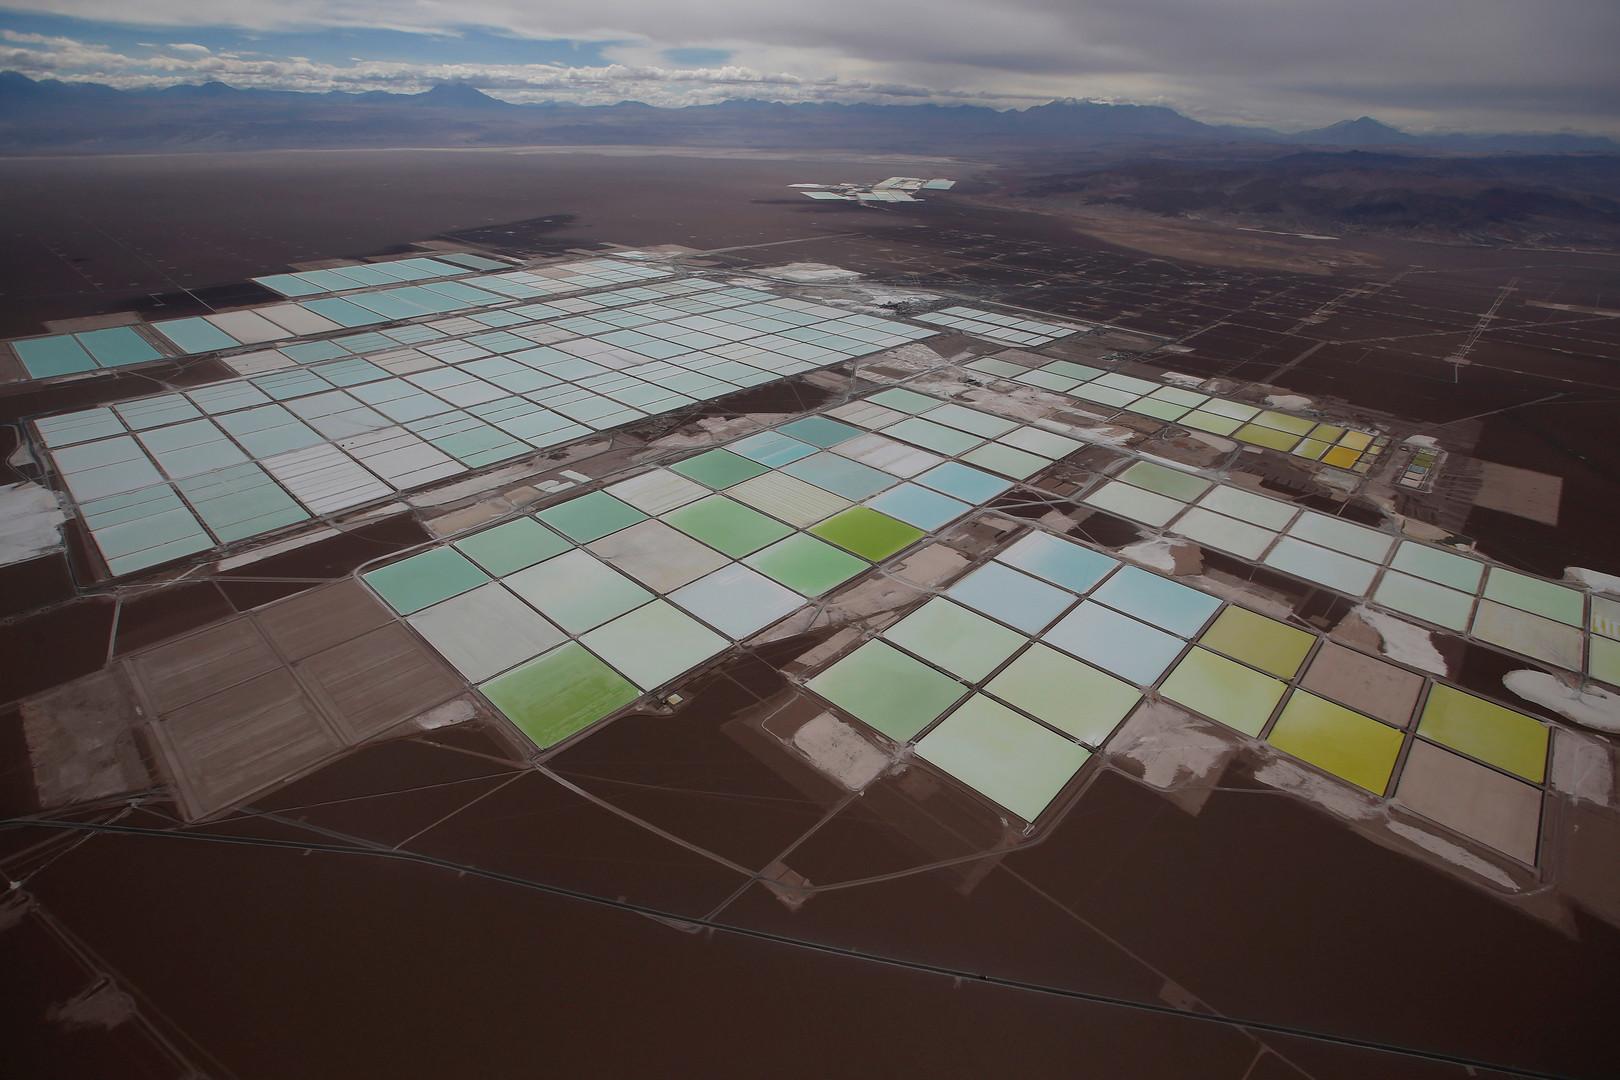 Grüne Zukunft? Der Traum von der sauberen Energie treibt schmutzigen Mineralienabbau an